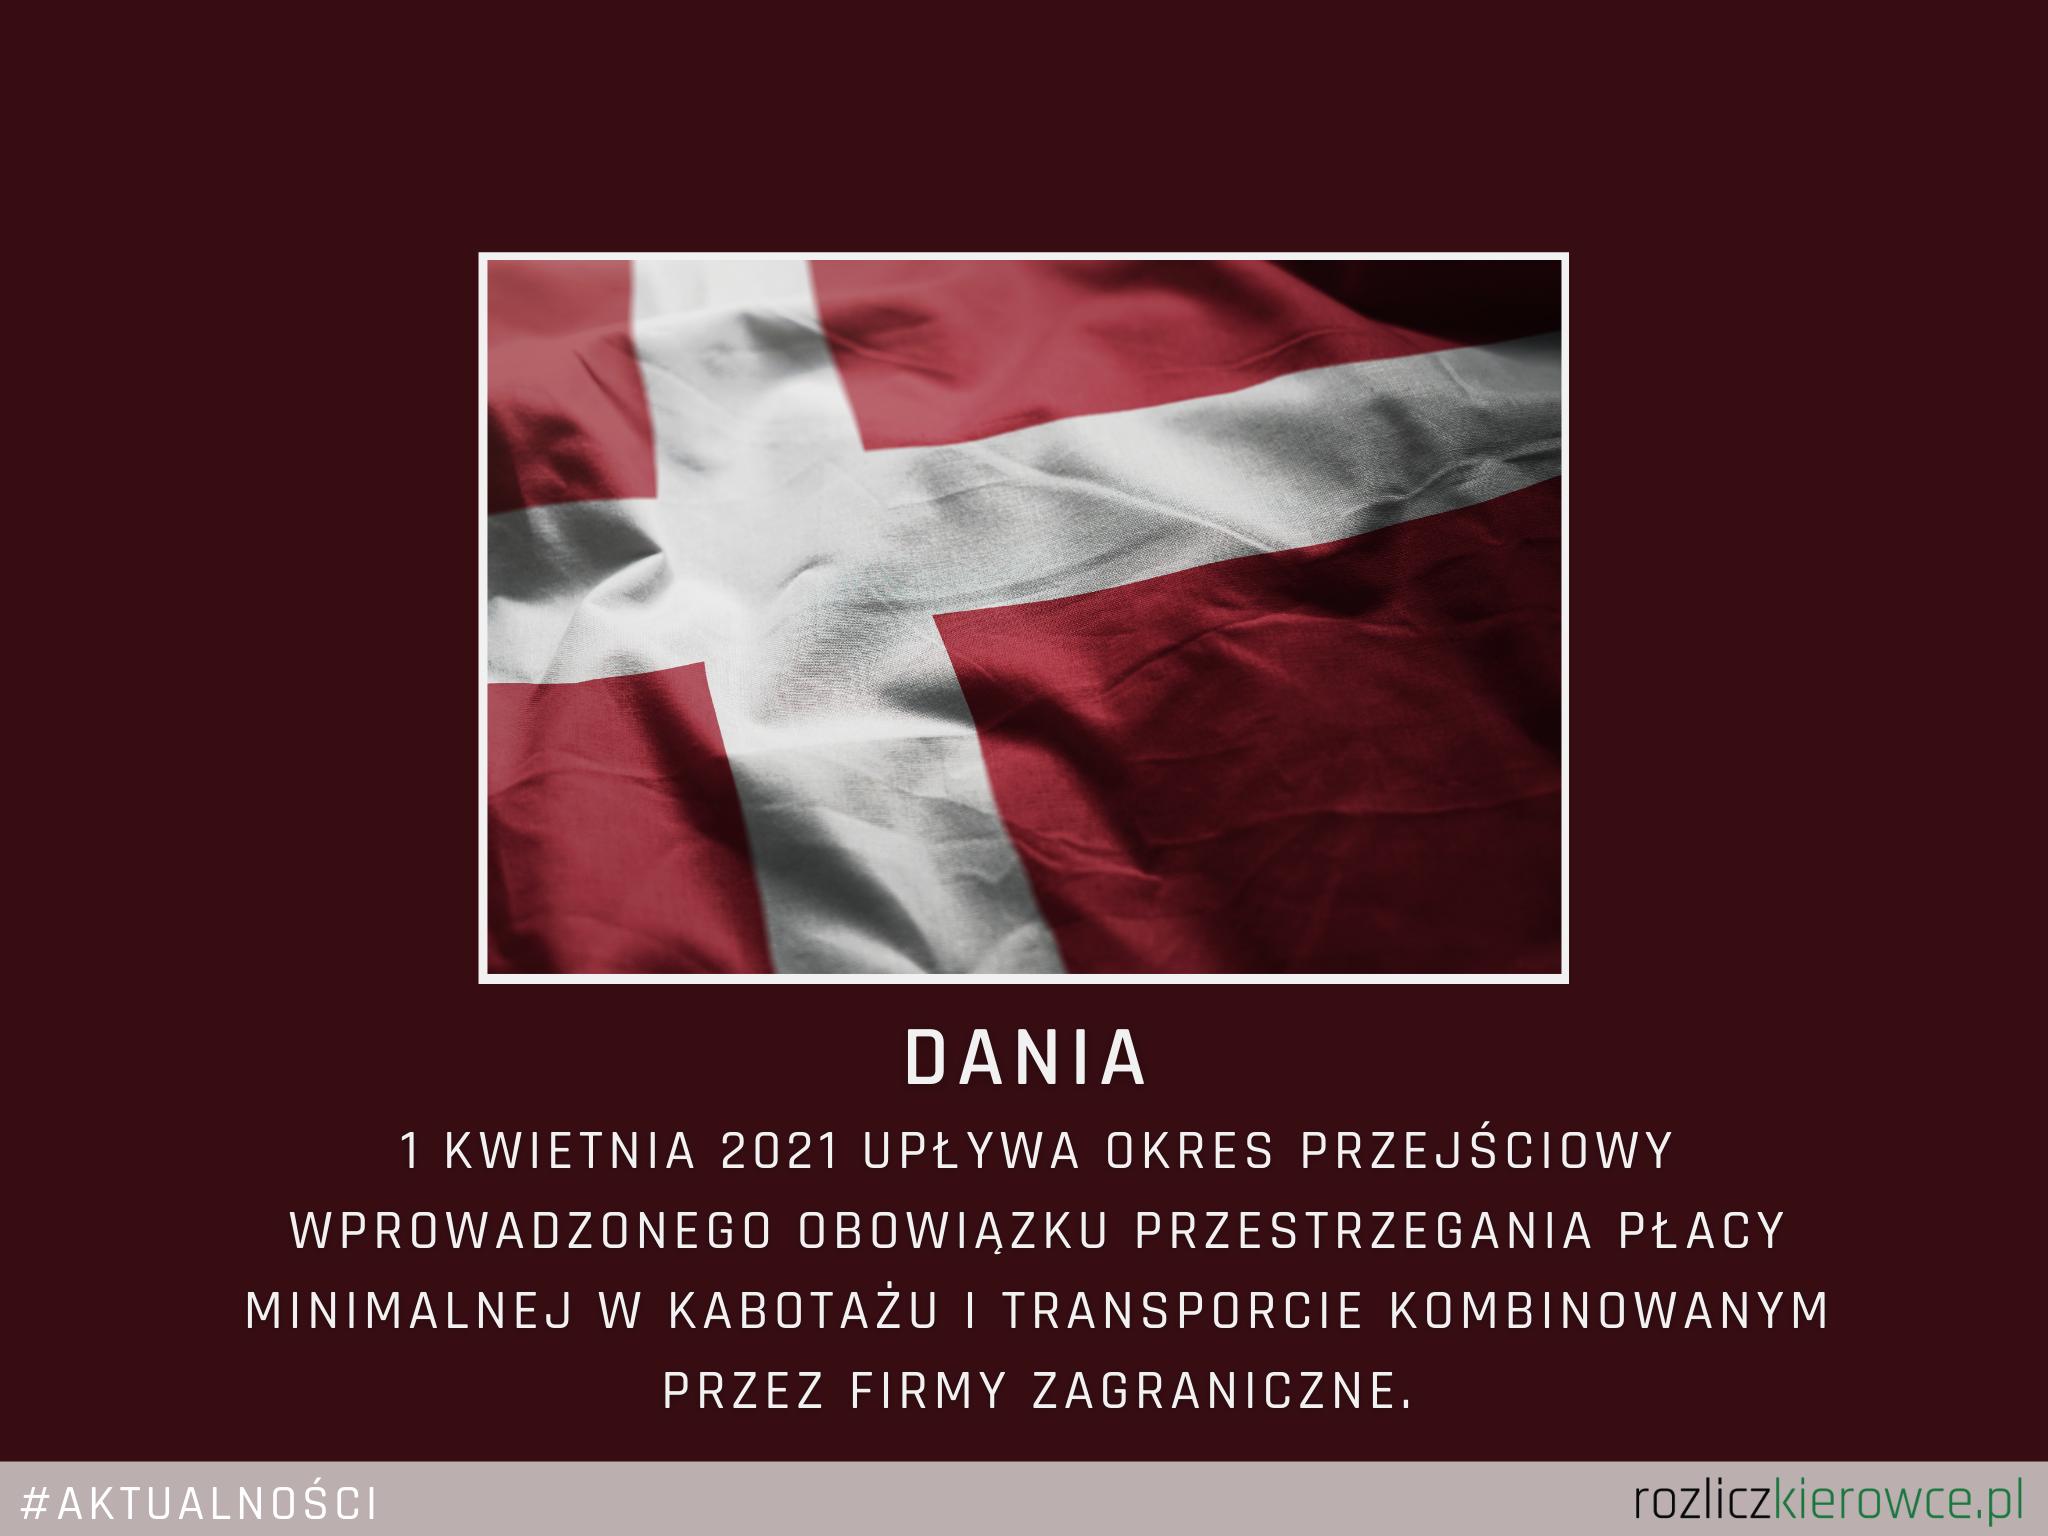 💶🚛 🇩🇰 DANIA- 1 kwietnia 2021 upływa okres przejściowy wprowadzonego obowiązku przestrzegania płacy minimalnej w kabotażu i transporcie kombinowanym przez firmy zagraniczne.